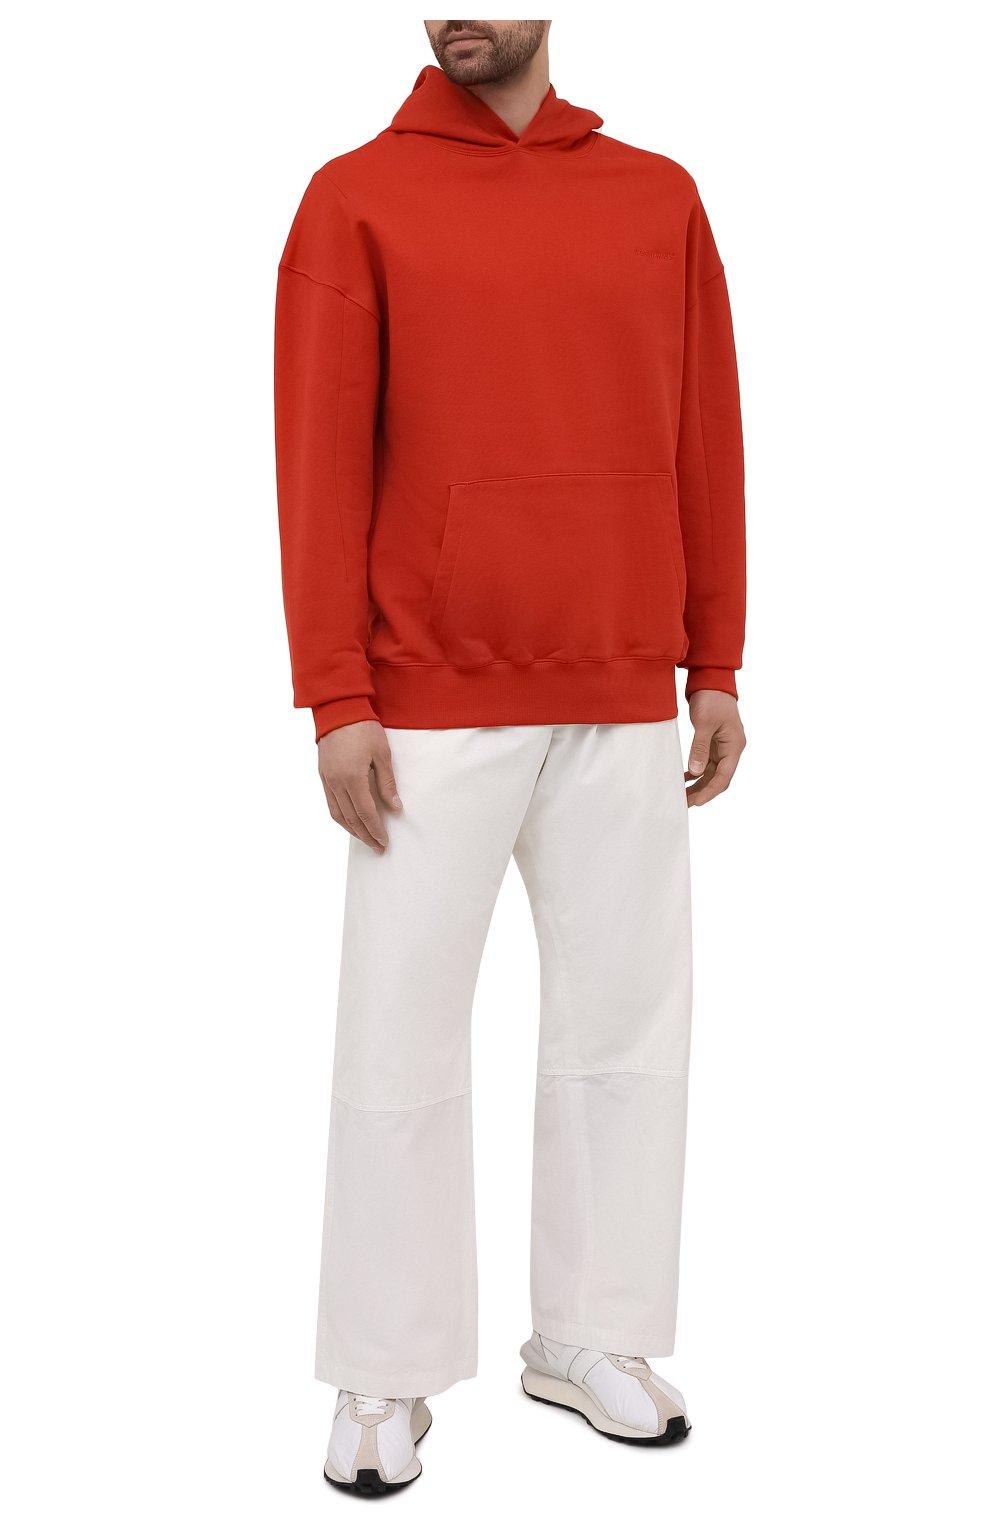 Мужской хлопковое худи A-COLD-WALL* красного цвета, арт. ACWMW033 | Фото 2 (Рукава: Длинные; Принт: Без принта; Длина (для топов): Стандартные; Мужское Кросс-КТ: Худи-одежда; Материал внешний: Хлопок; Стили: Минимализм)